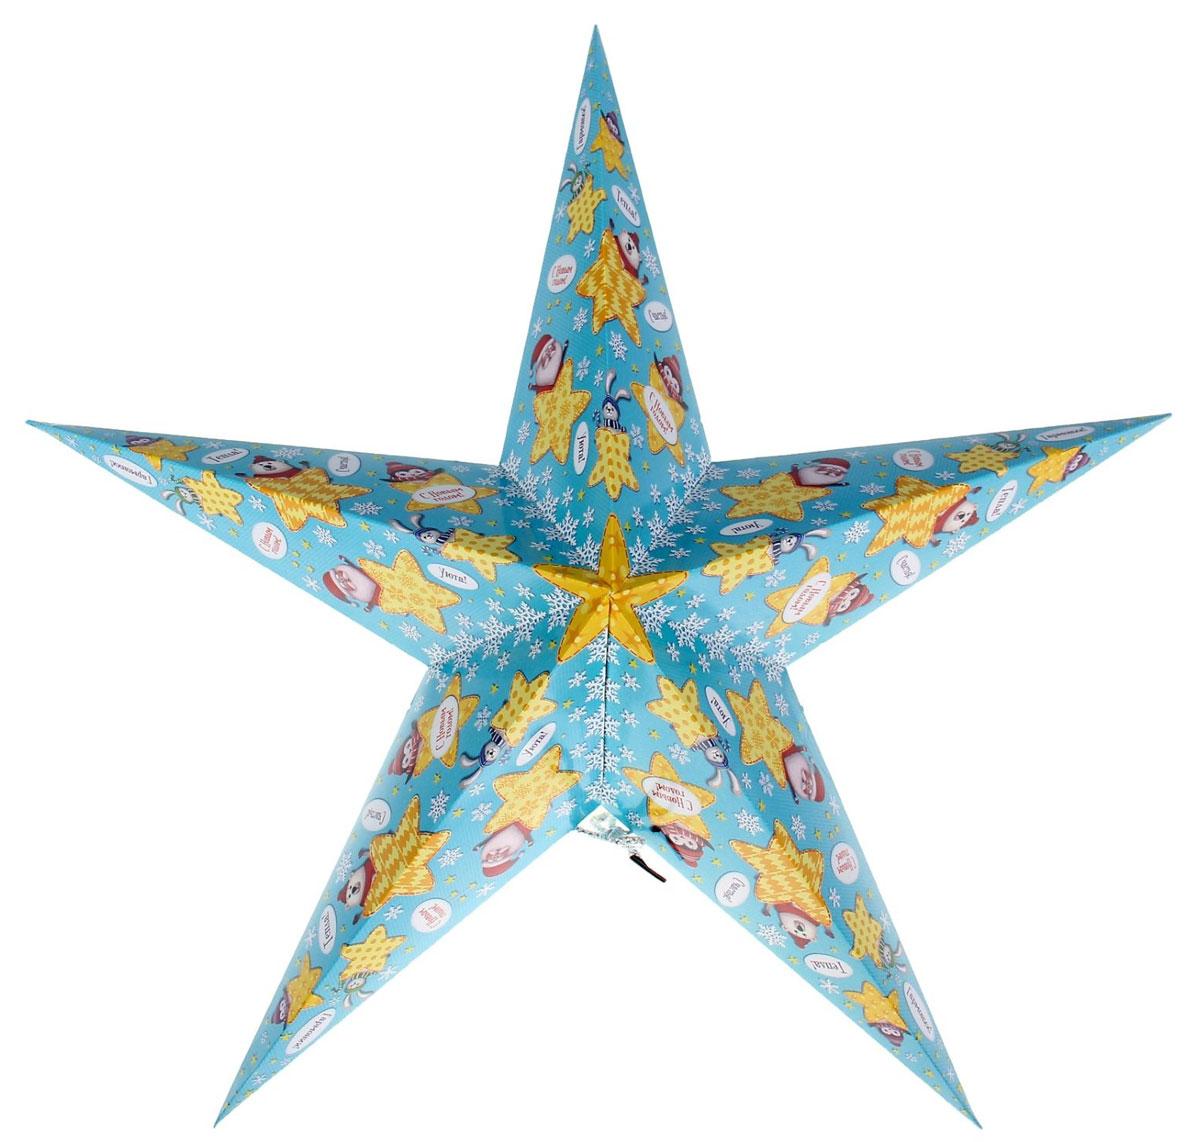 Новогоднее подвесное украшение Sima-land Звезда. Пожелания, 64 см х 64 см х 25 см1117831Подвесное украшение Sima-land Звезда. Пожелания, выполненное изкартона, прекрасно подойдет для праздничного декора интерьера. С помощью шнурка его можно повесить в любом понравившемся вам месте. Новогодние украшения несут в себе волшебство и красоту праздника. Онипомогут вам украсить дом к предстоящим праздникам и оживить интерьер повашему вкусу. Создайте в доме атмосферу тепла, веселья и радости, украшая еговсей семьей.